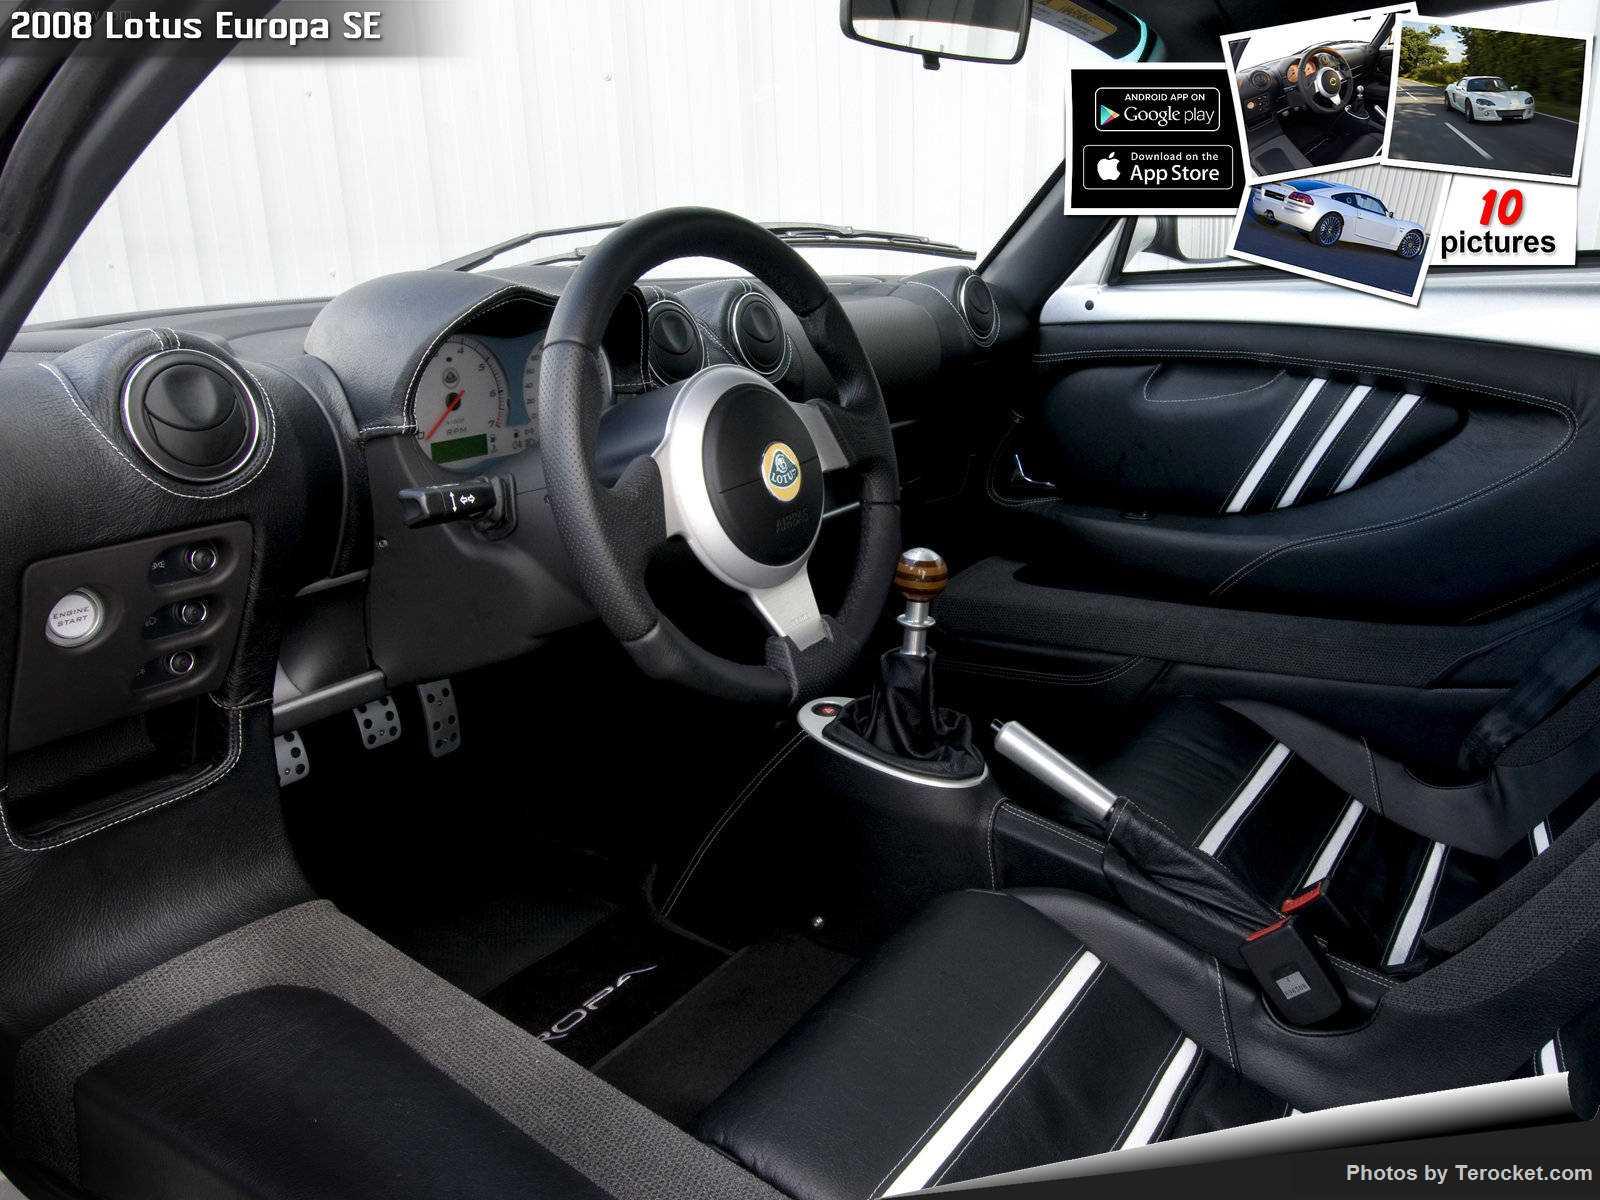 Hình ảnh siêu xe Lotus Europa SE 2008 & nội ngoại thất